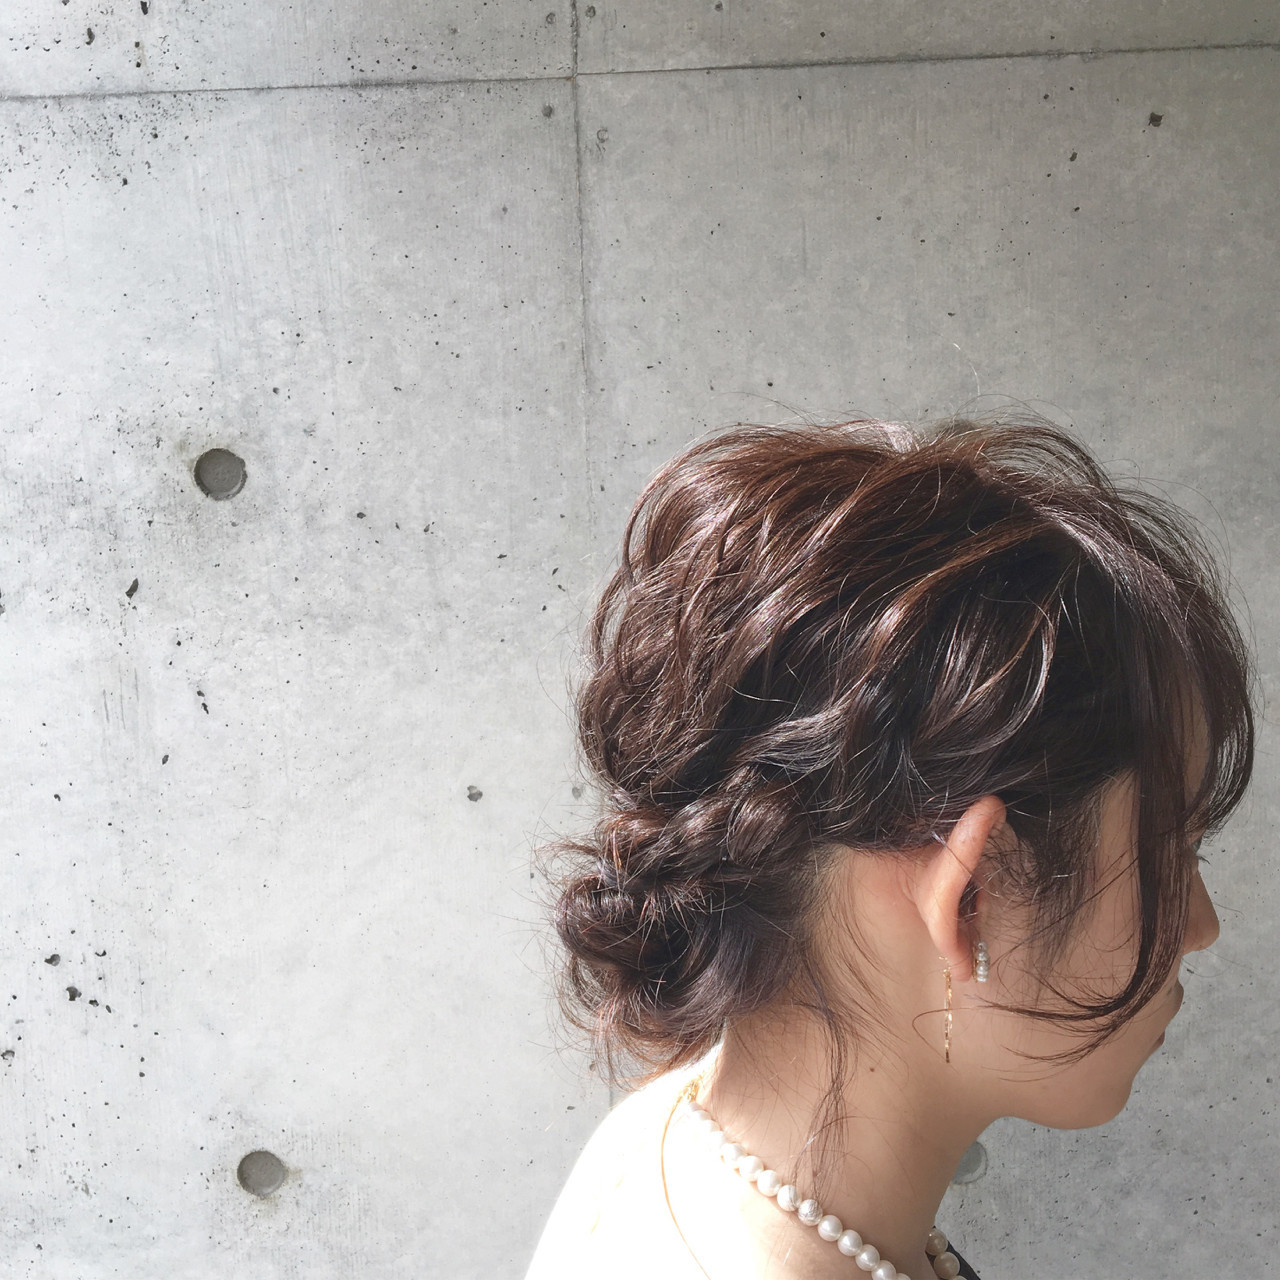 【美容師直伝】ロブがかわいく見える♡おすすめヘアアレンジ集 徳山礼史  hair atelier nico...